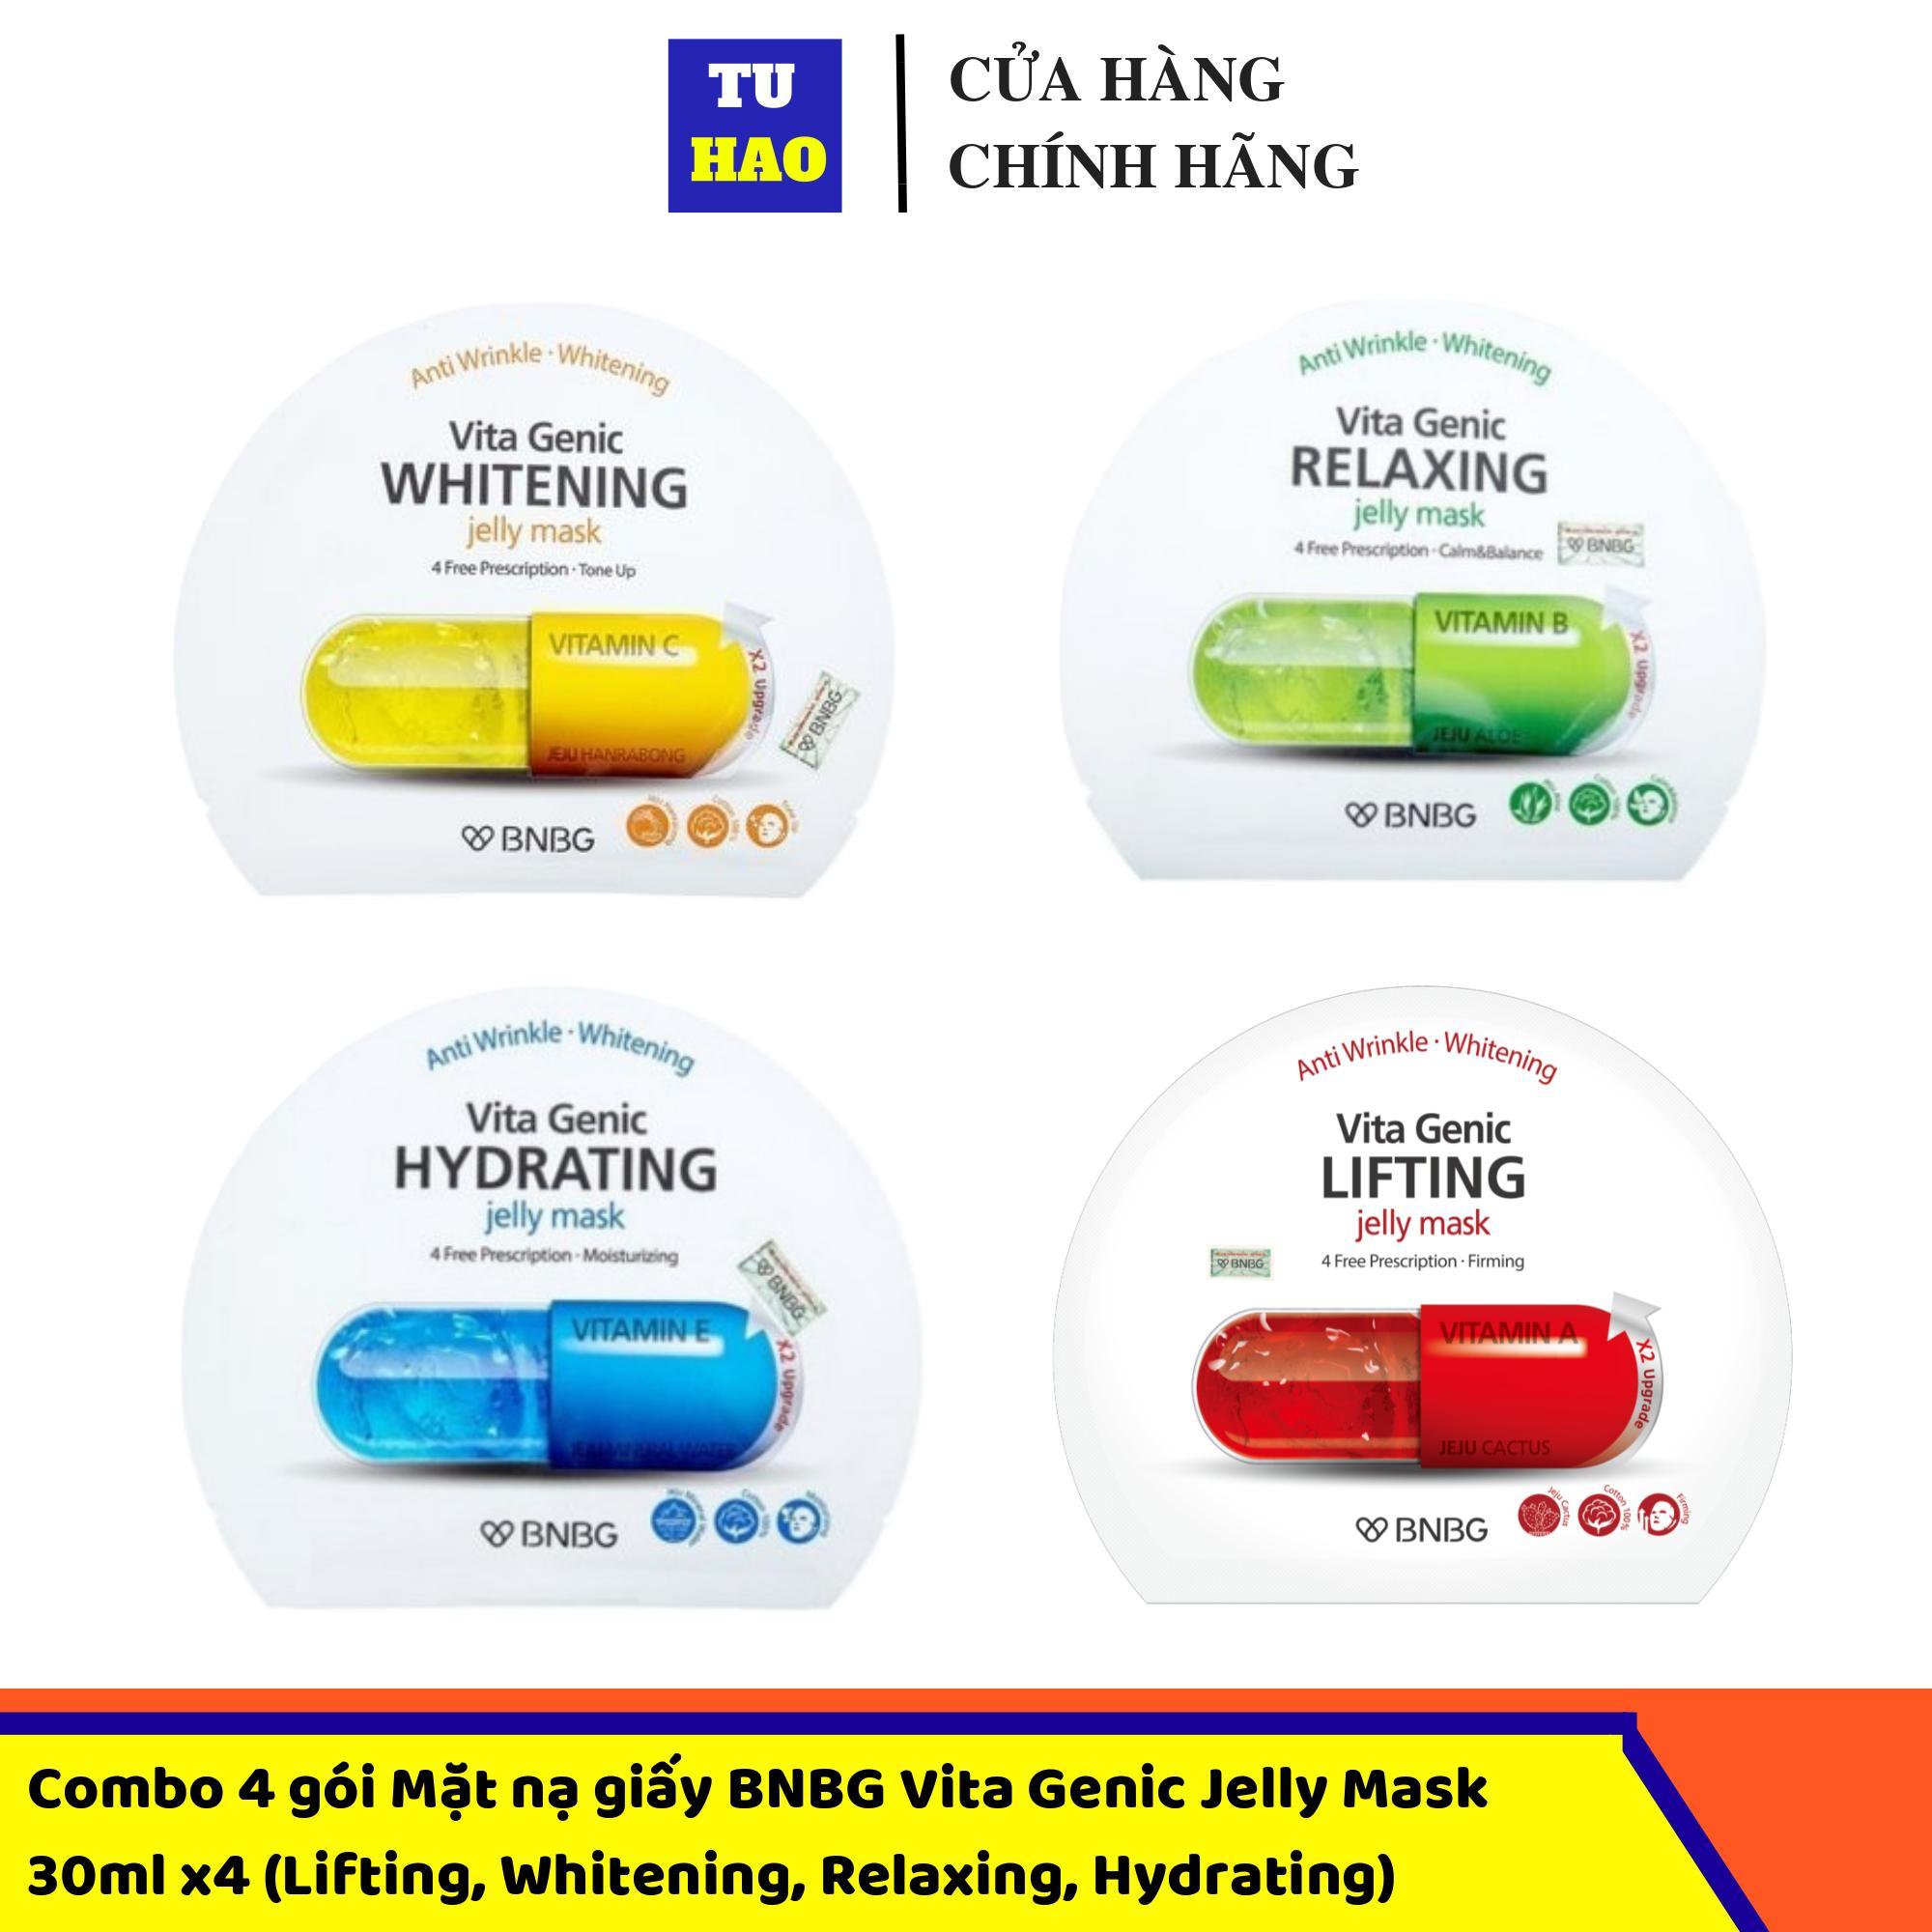 Combo 4 gói Mặt nạ giấy BNBG Vita Genic Jelly Mask 30mlx10 (Lifting, Whitening, Relaxing, Hydrating) Mix đủ 4 loại cao cấp